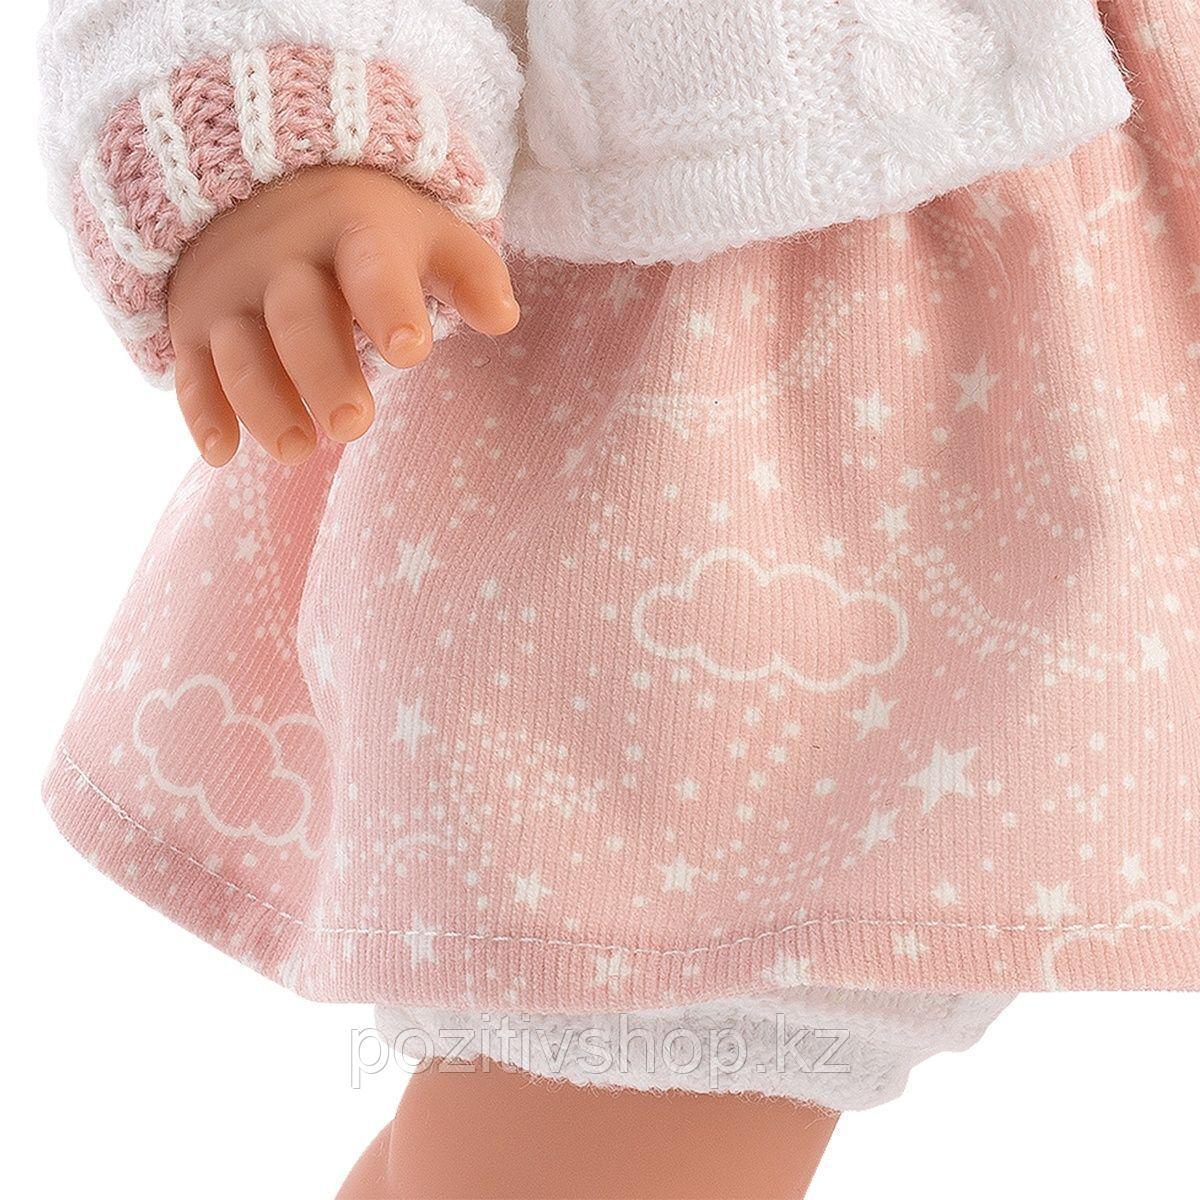 Кукла Llorens Лола 38см, брюнетка в белой курточке с капюшоном - фото 4